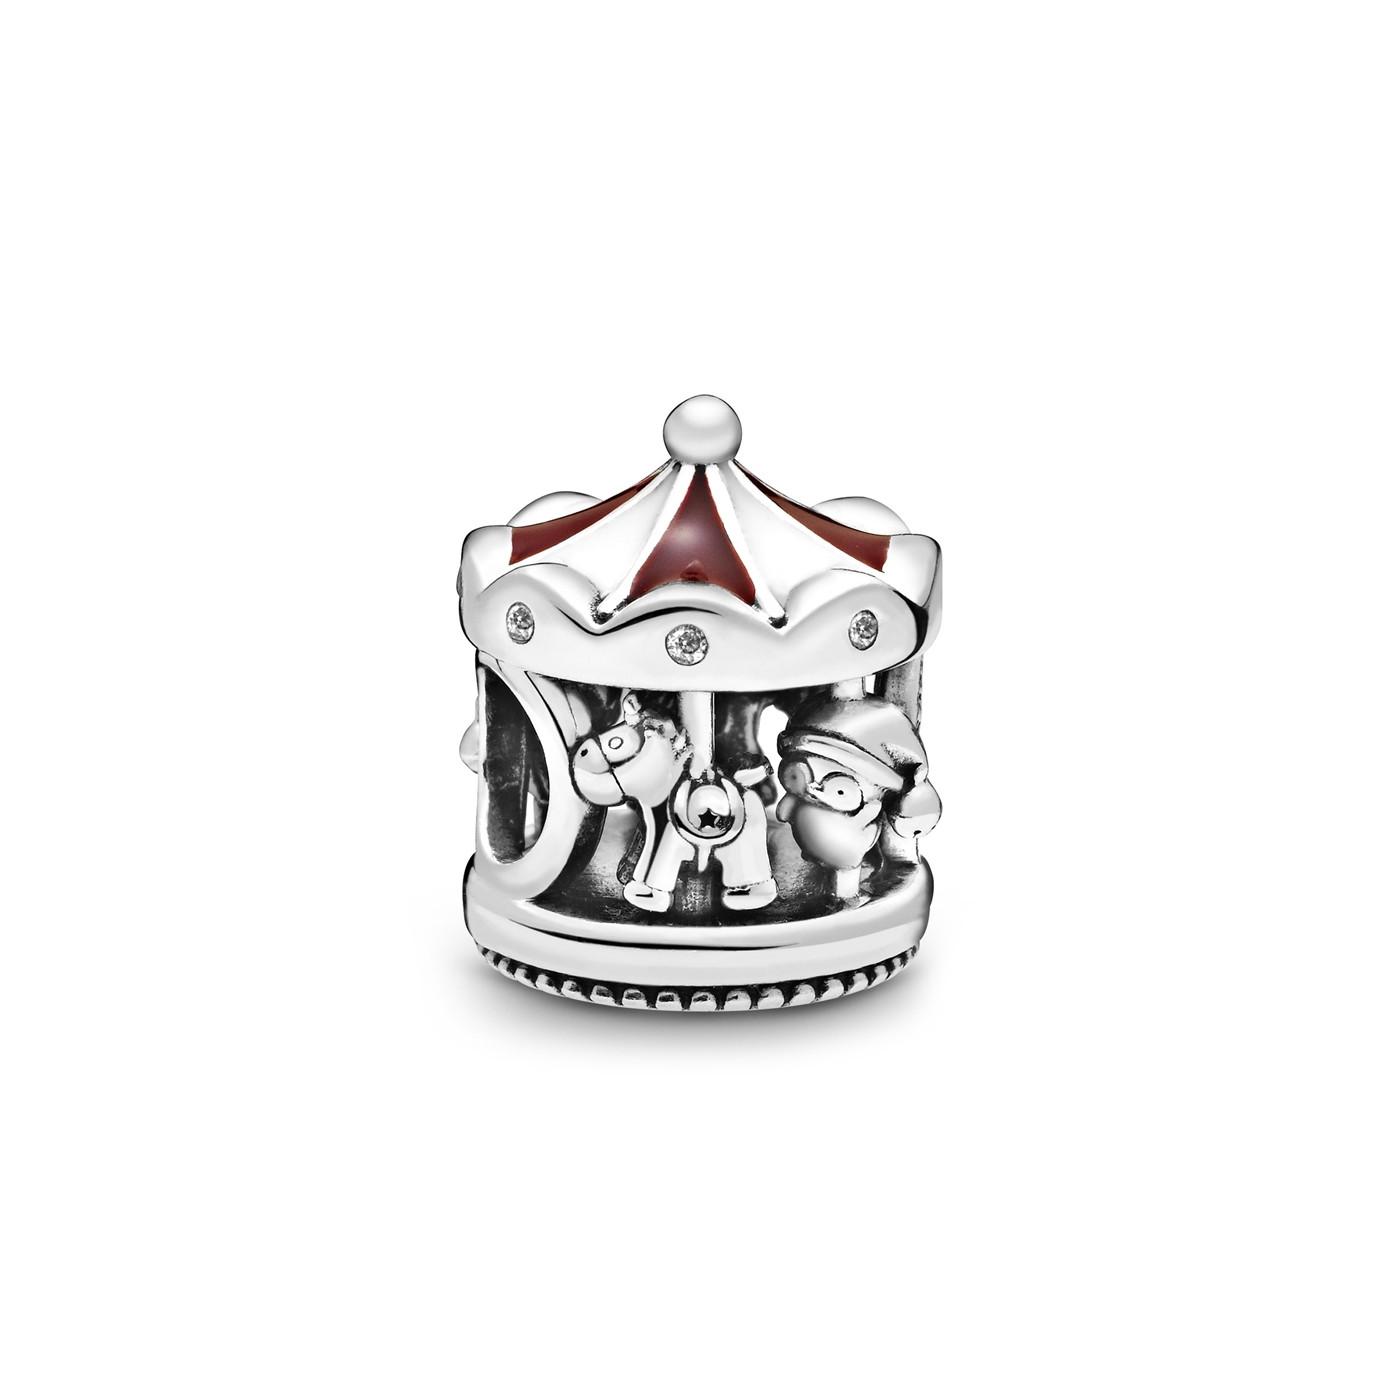 Pandora Moments 925 Sterling Zilveren Carousel Bedel 798435C01